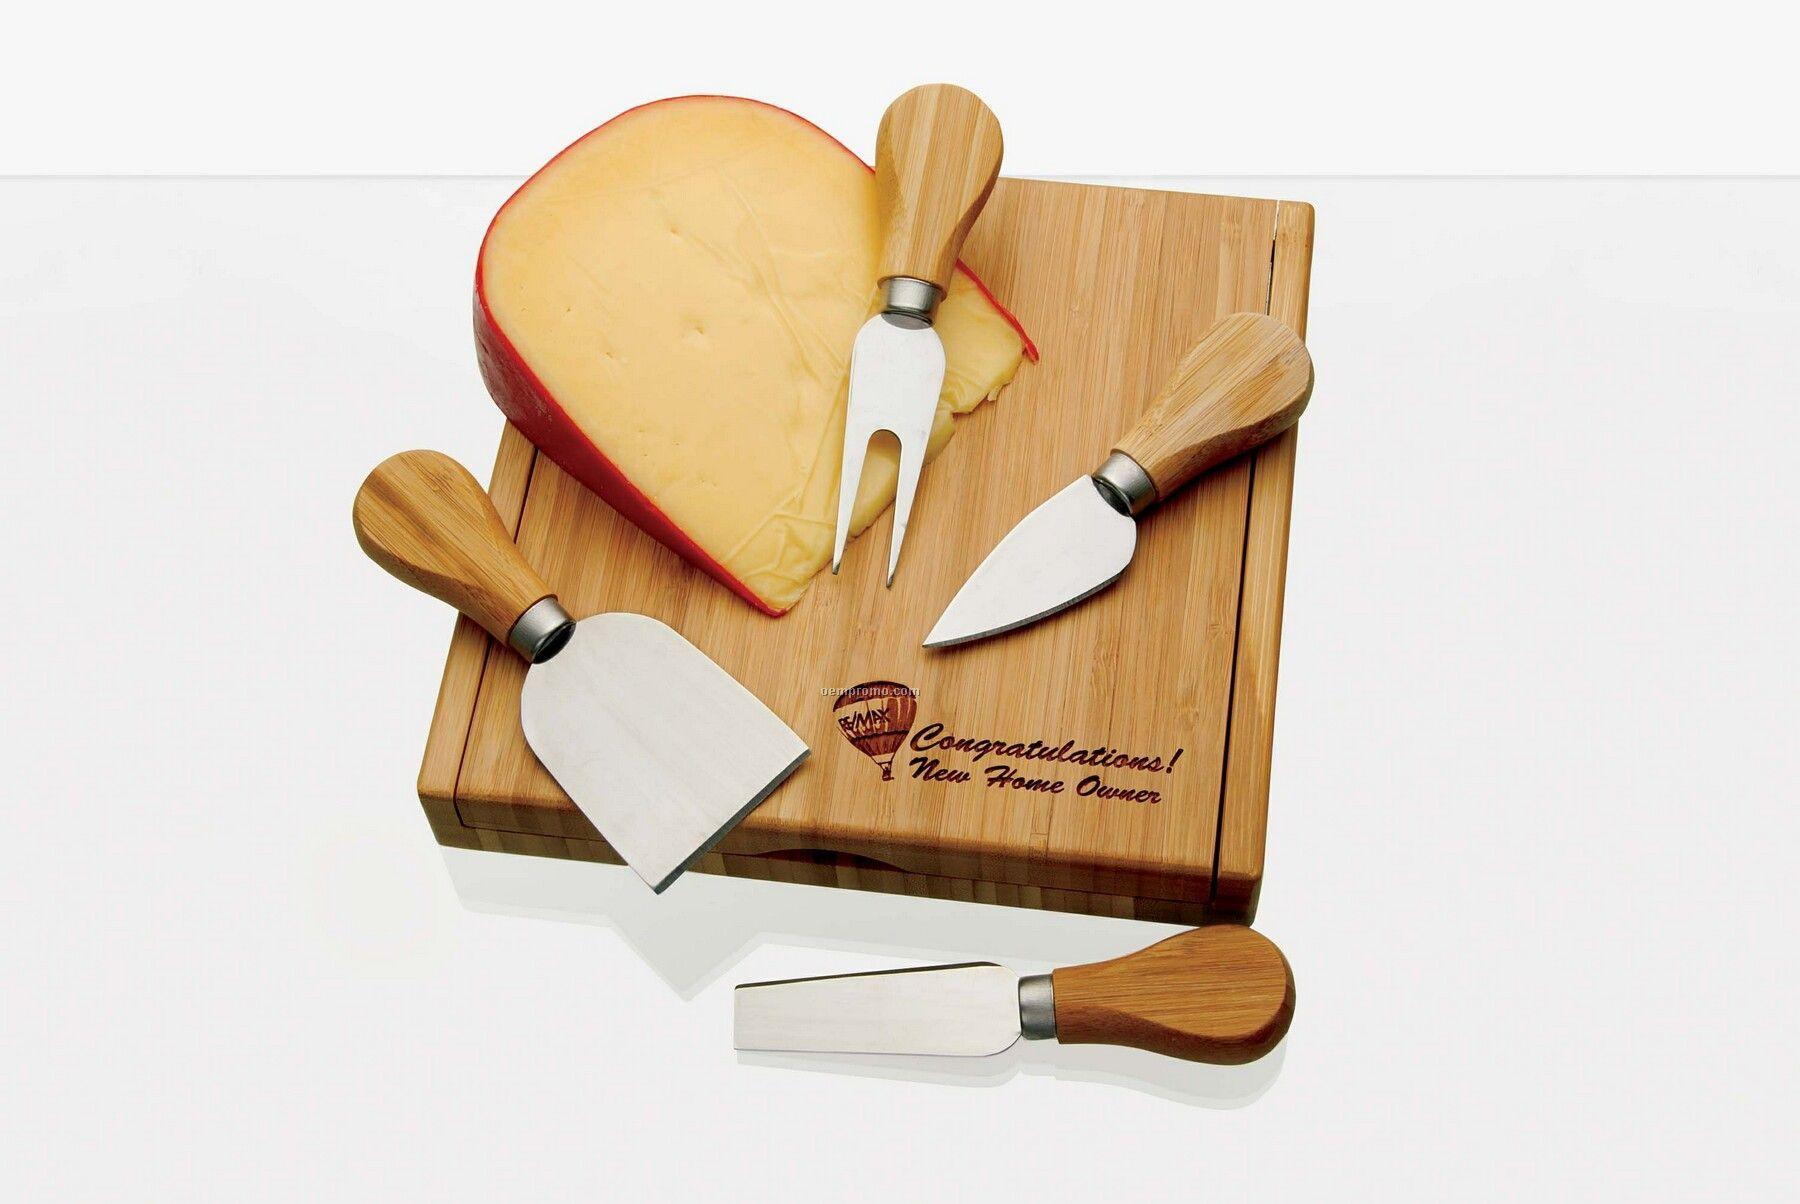 Rcc Koozie Bamboo Cheese Set